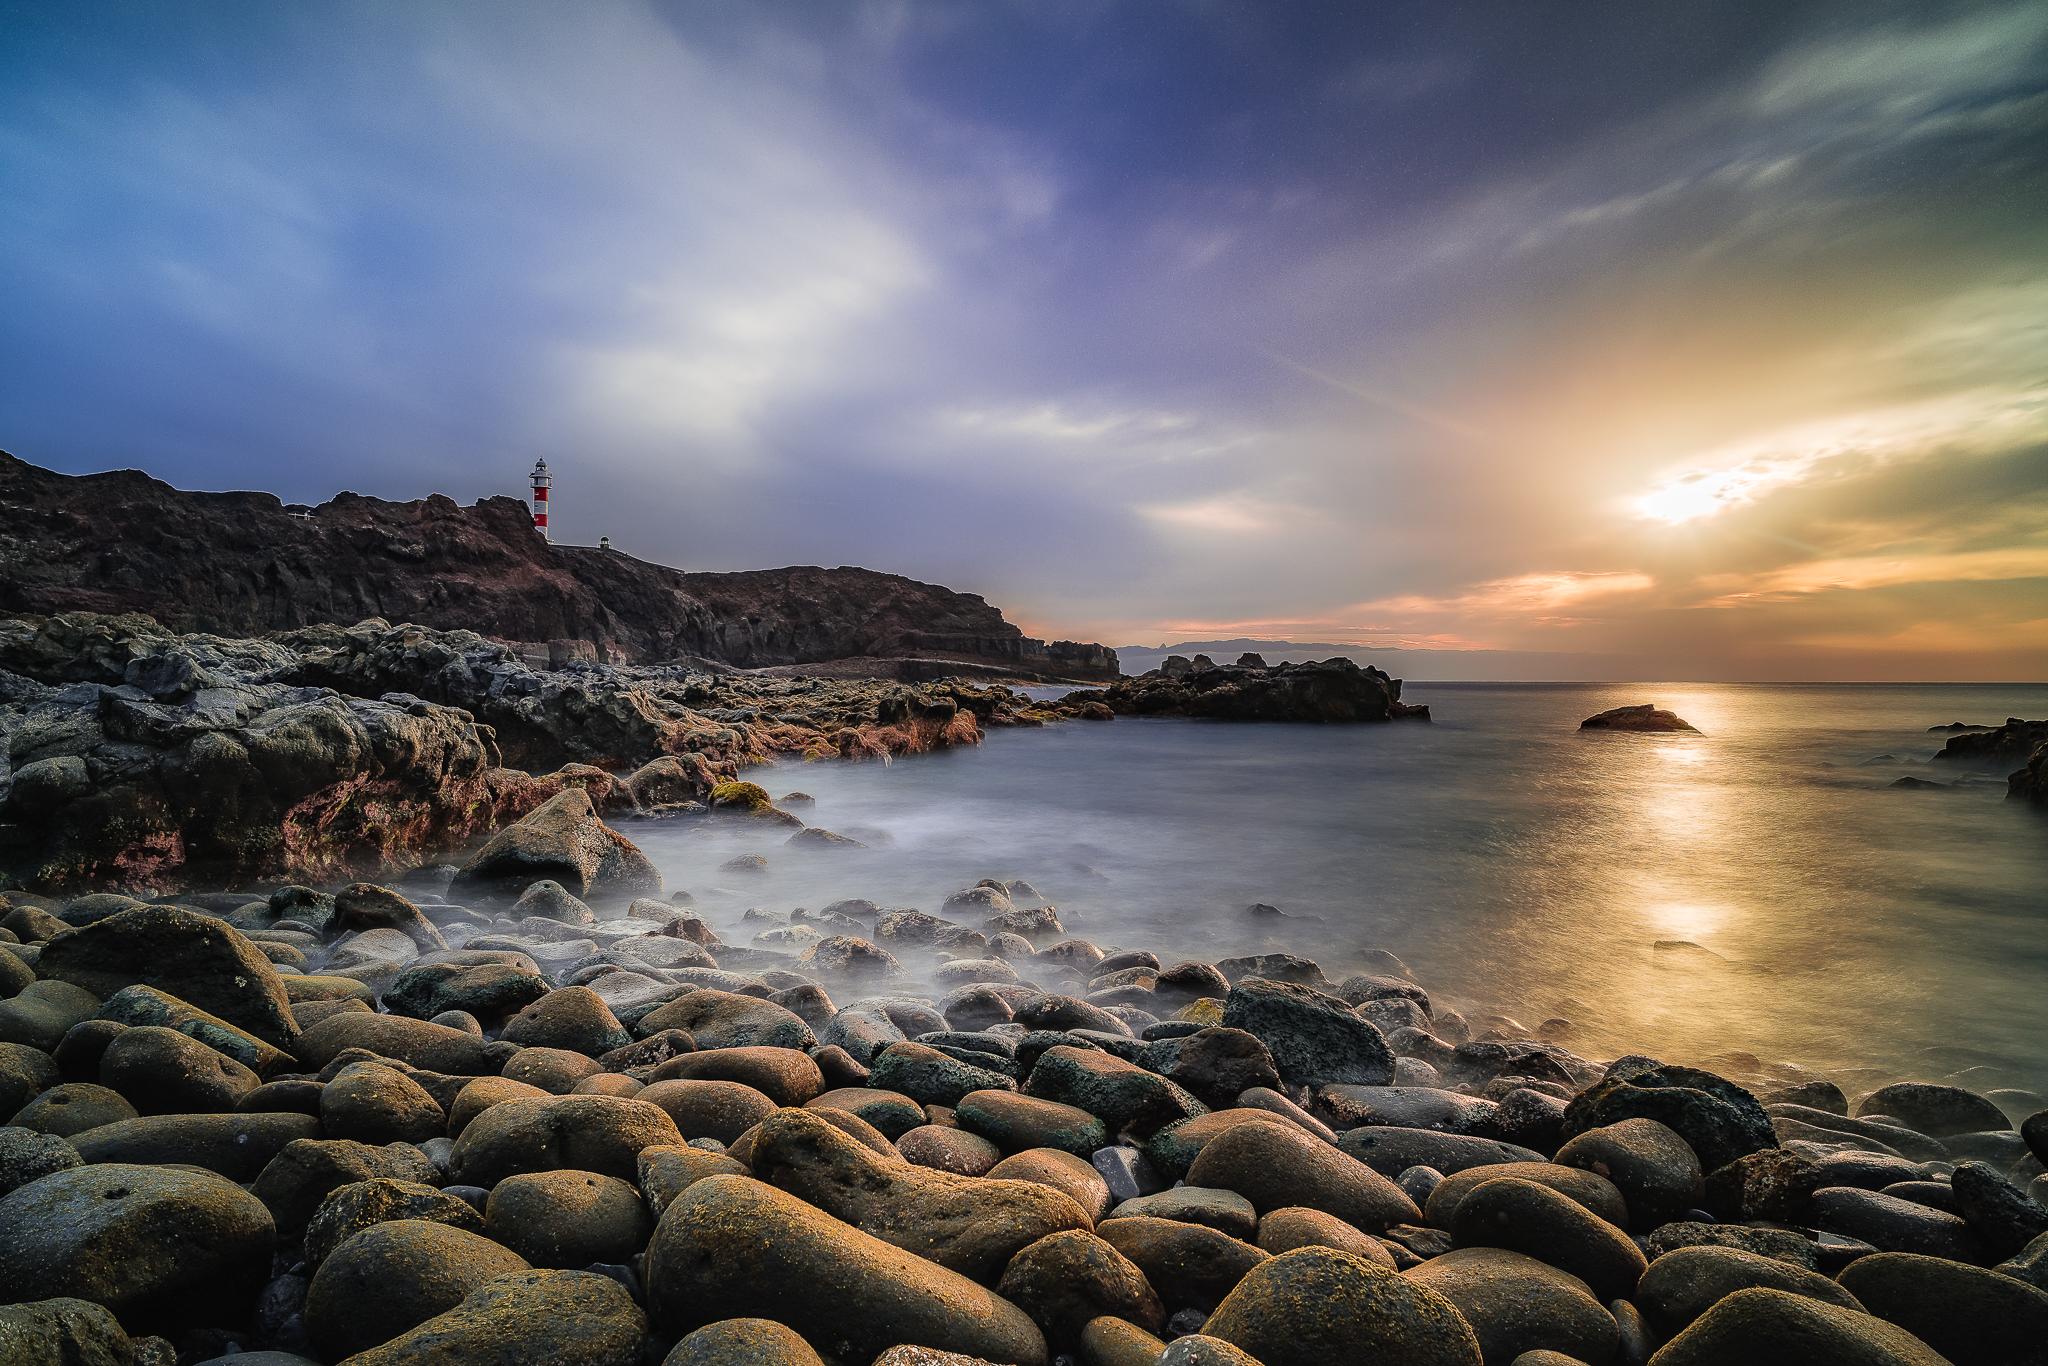 Cape Teno, Spain